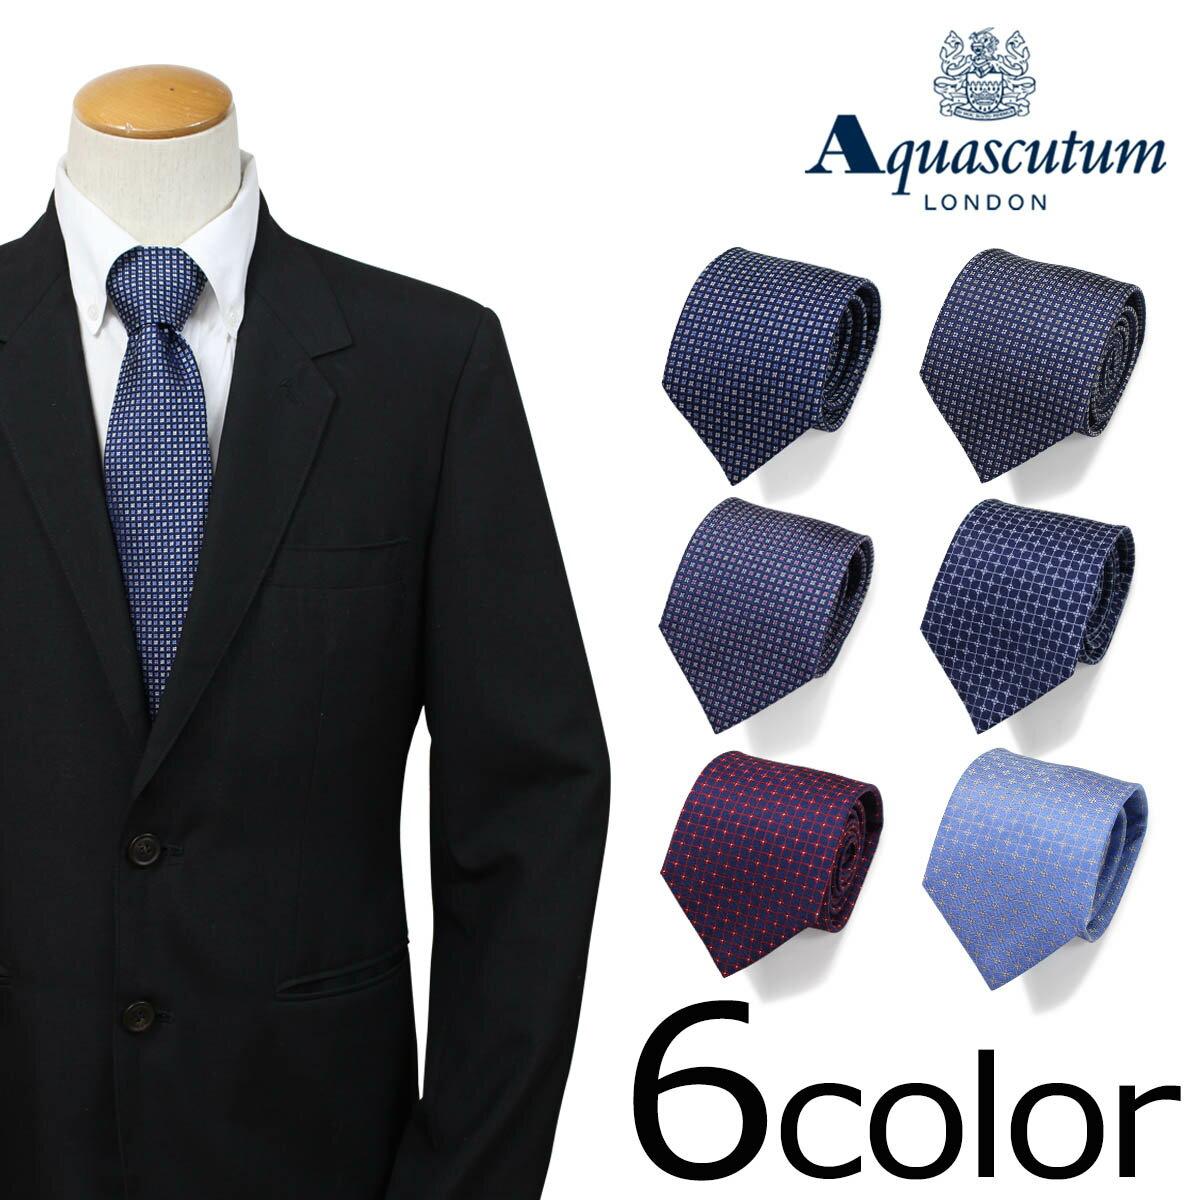 AQUASCUTUM アクアスキュータム ネクタイ イタリア製 シルク ビジネス 結婚式 メンズ [4/24 追加入荷] [184]